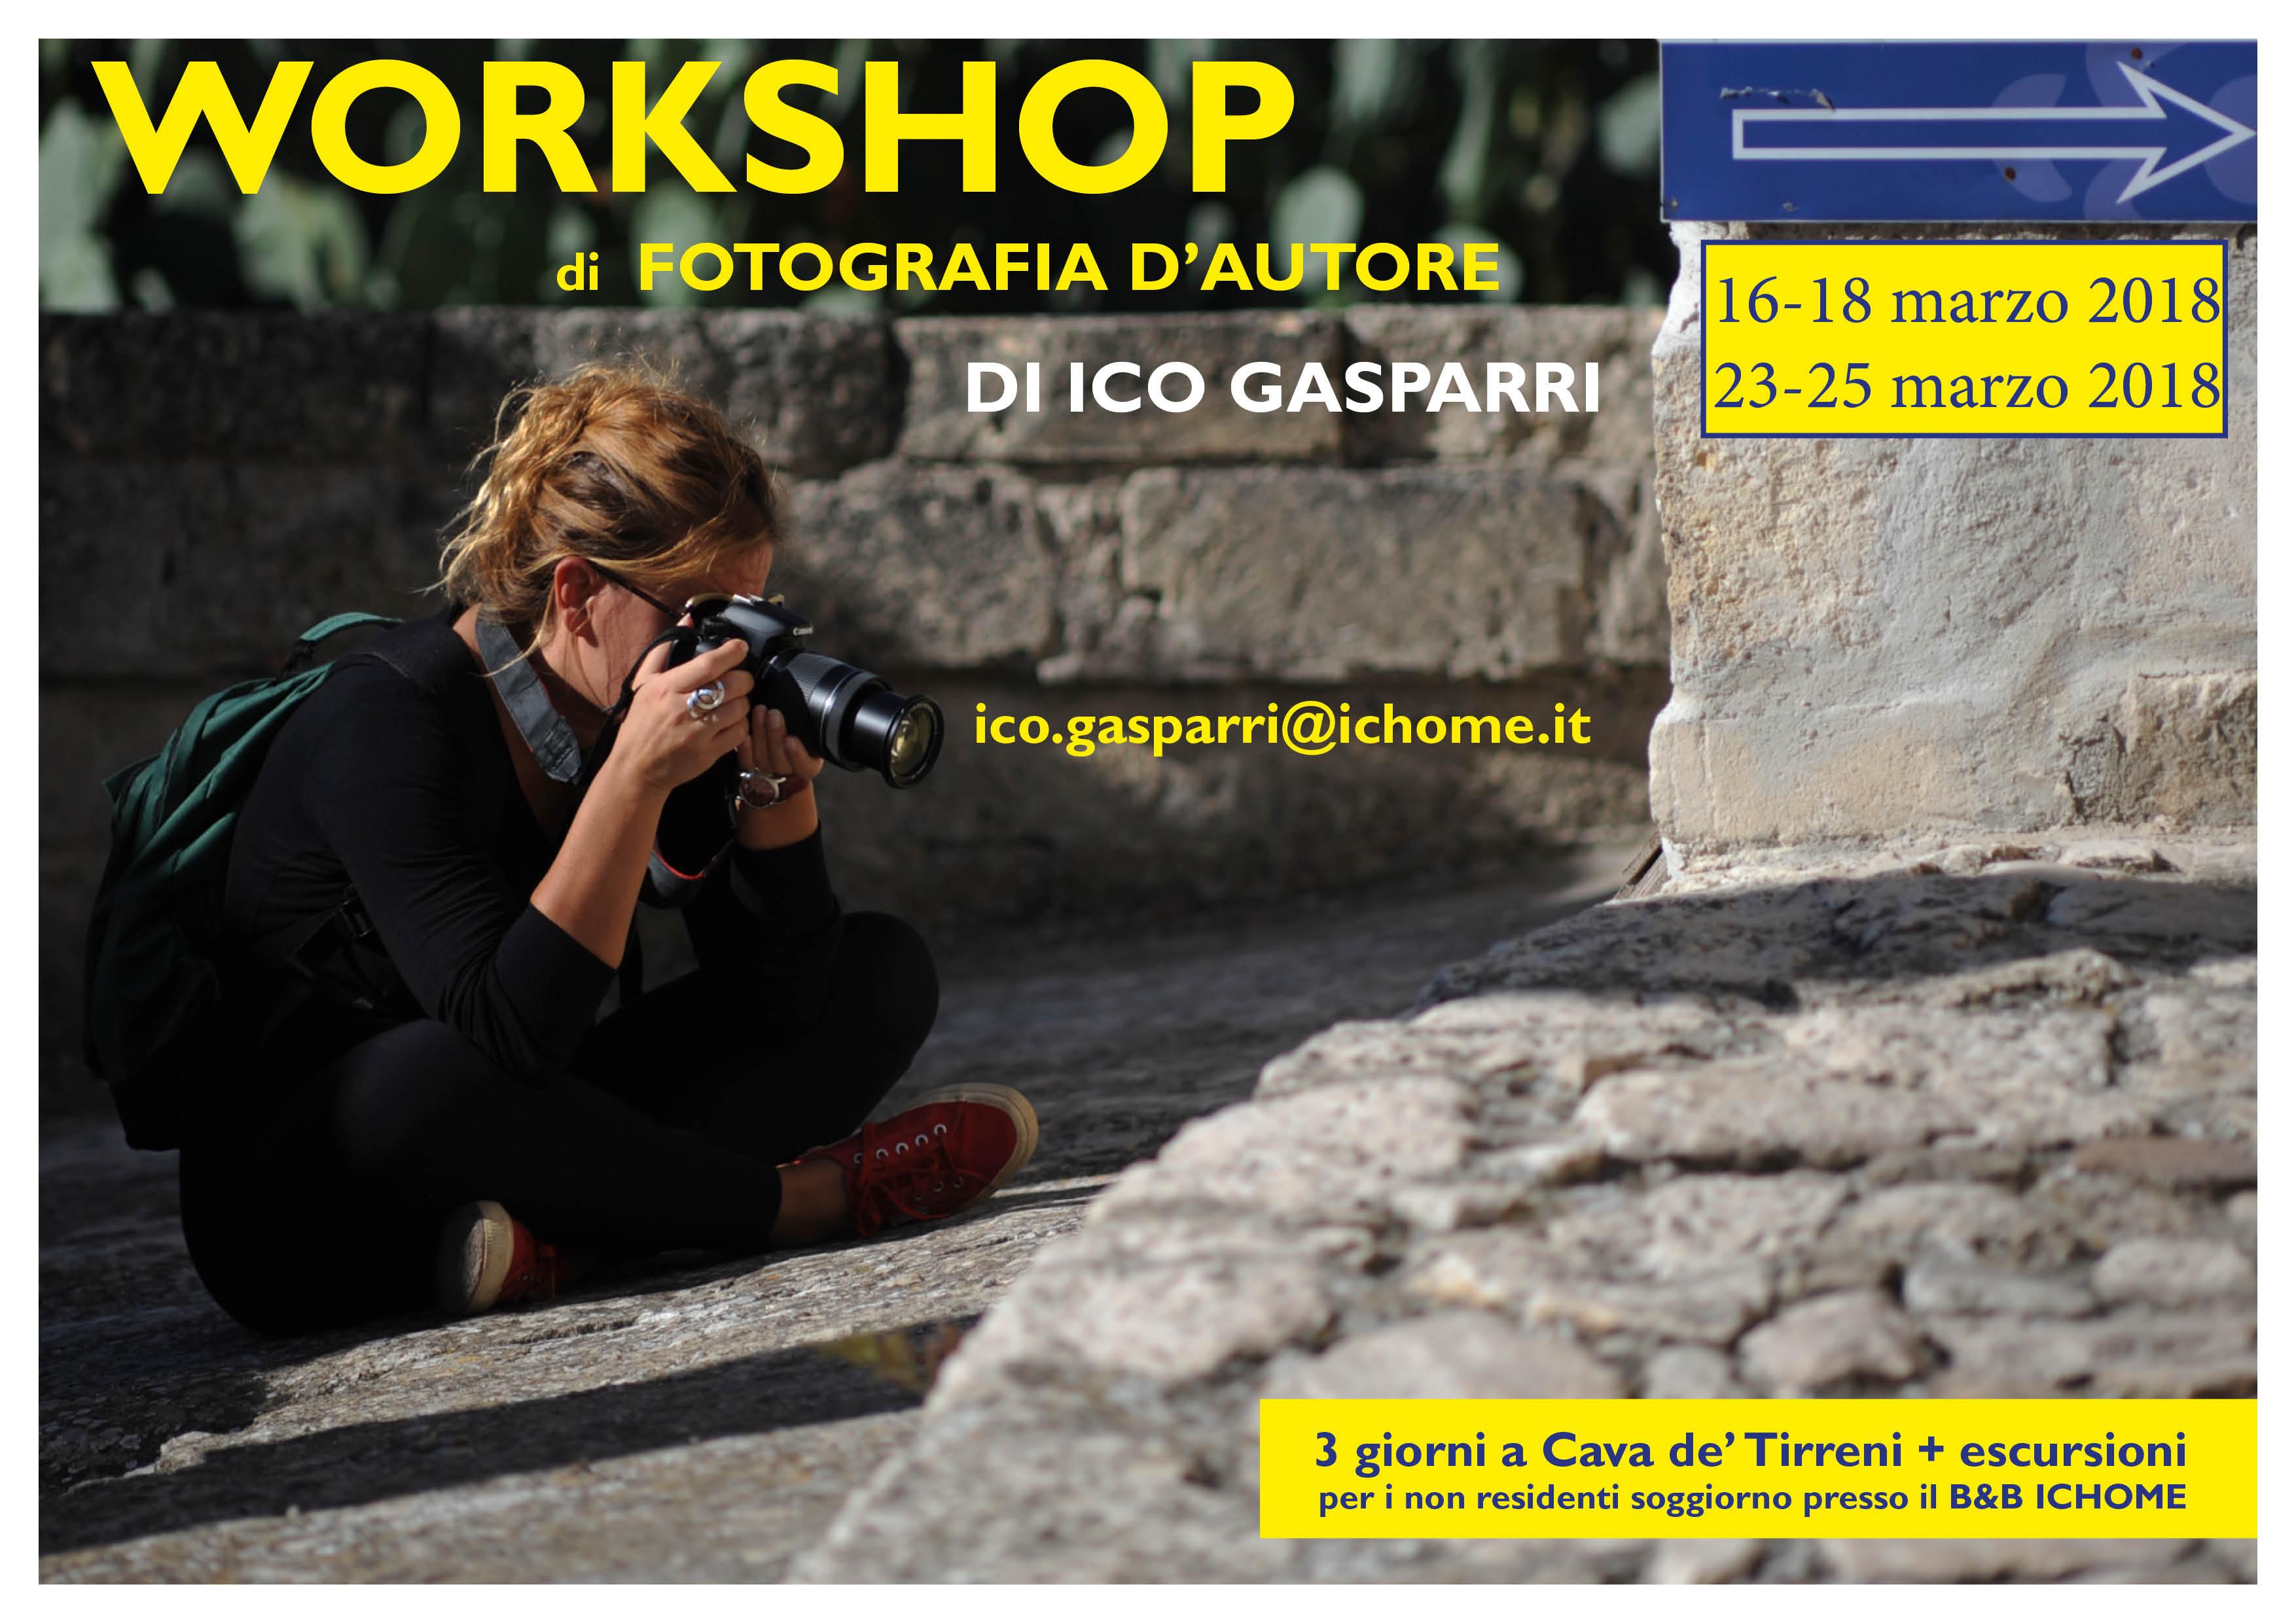 Fotografo Cava Dei Tirreni ichome fotografia sostenibile